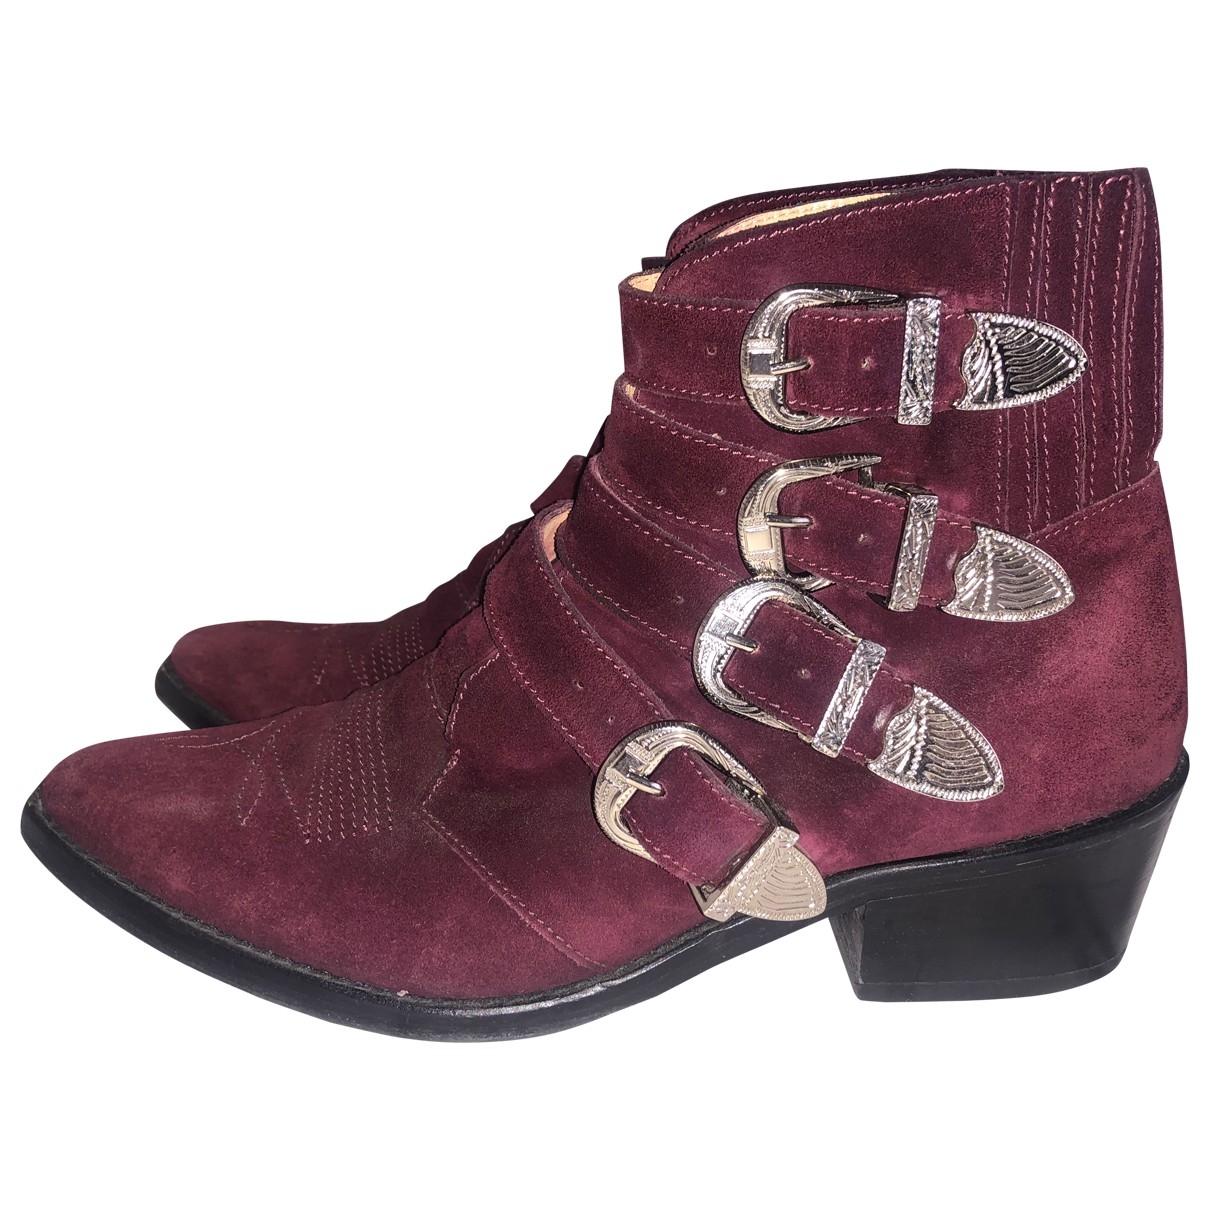 Toga Pulla - Boots   pour femme en suede - bordeaux